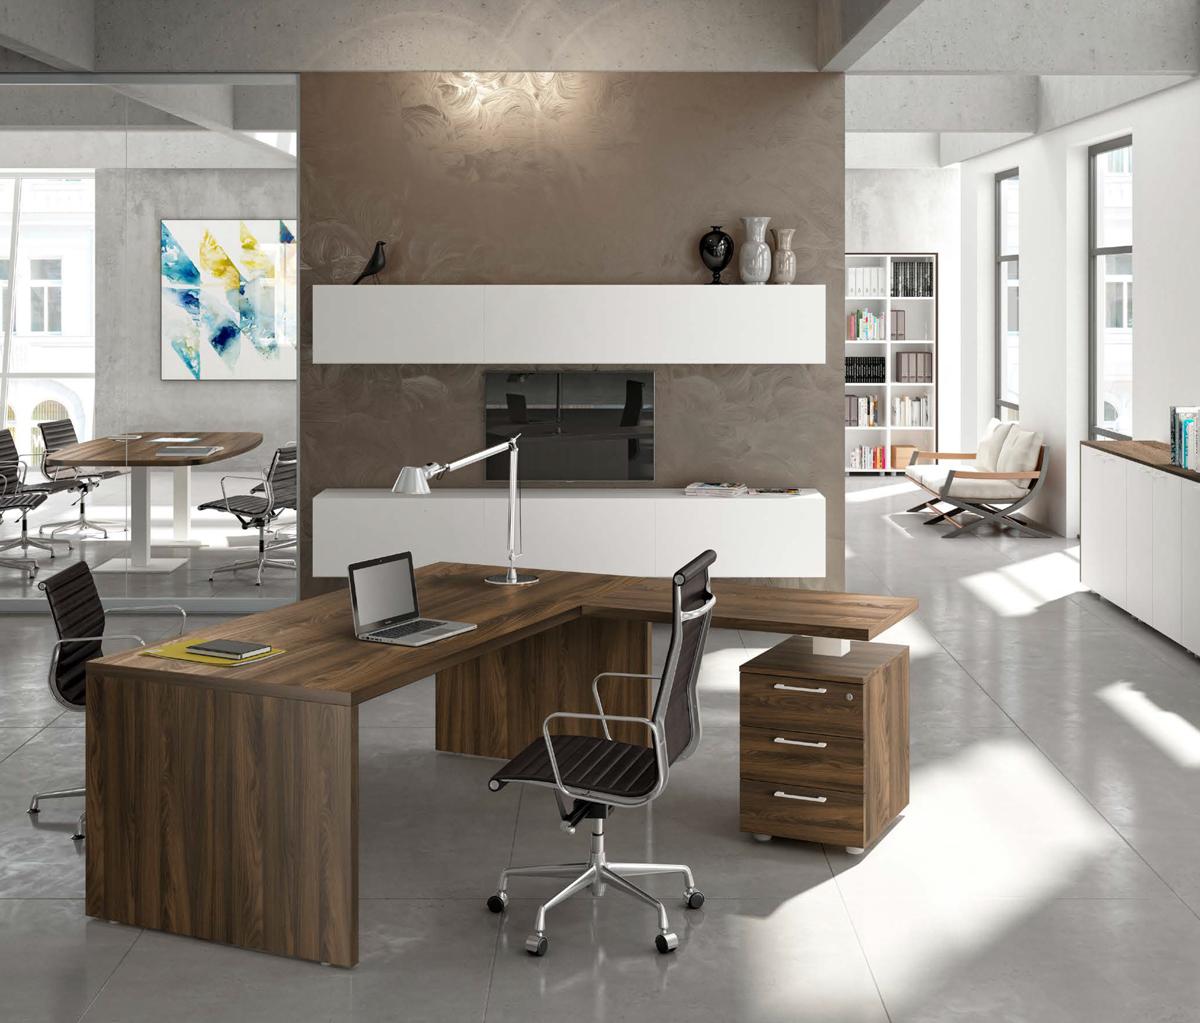 Mobili per ufficio arredo in stile napoli for Design ufficio napoli